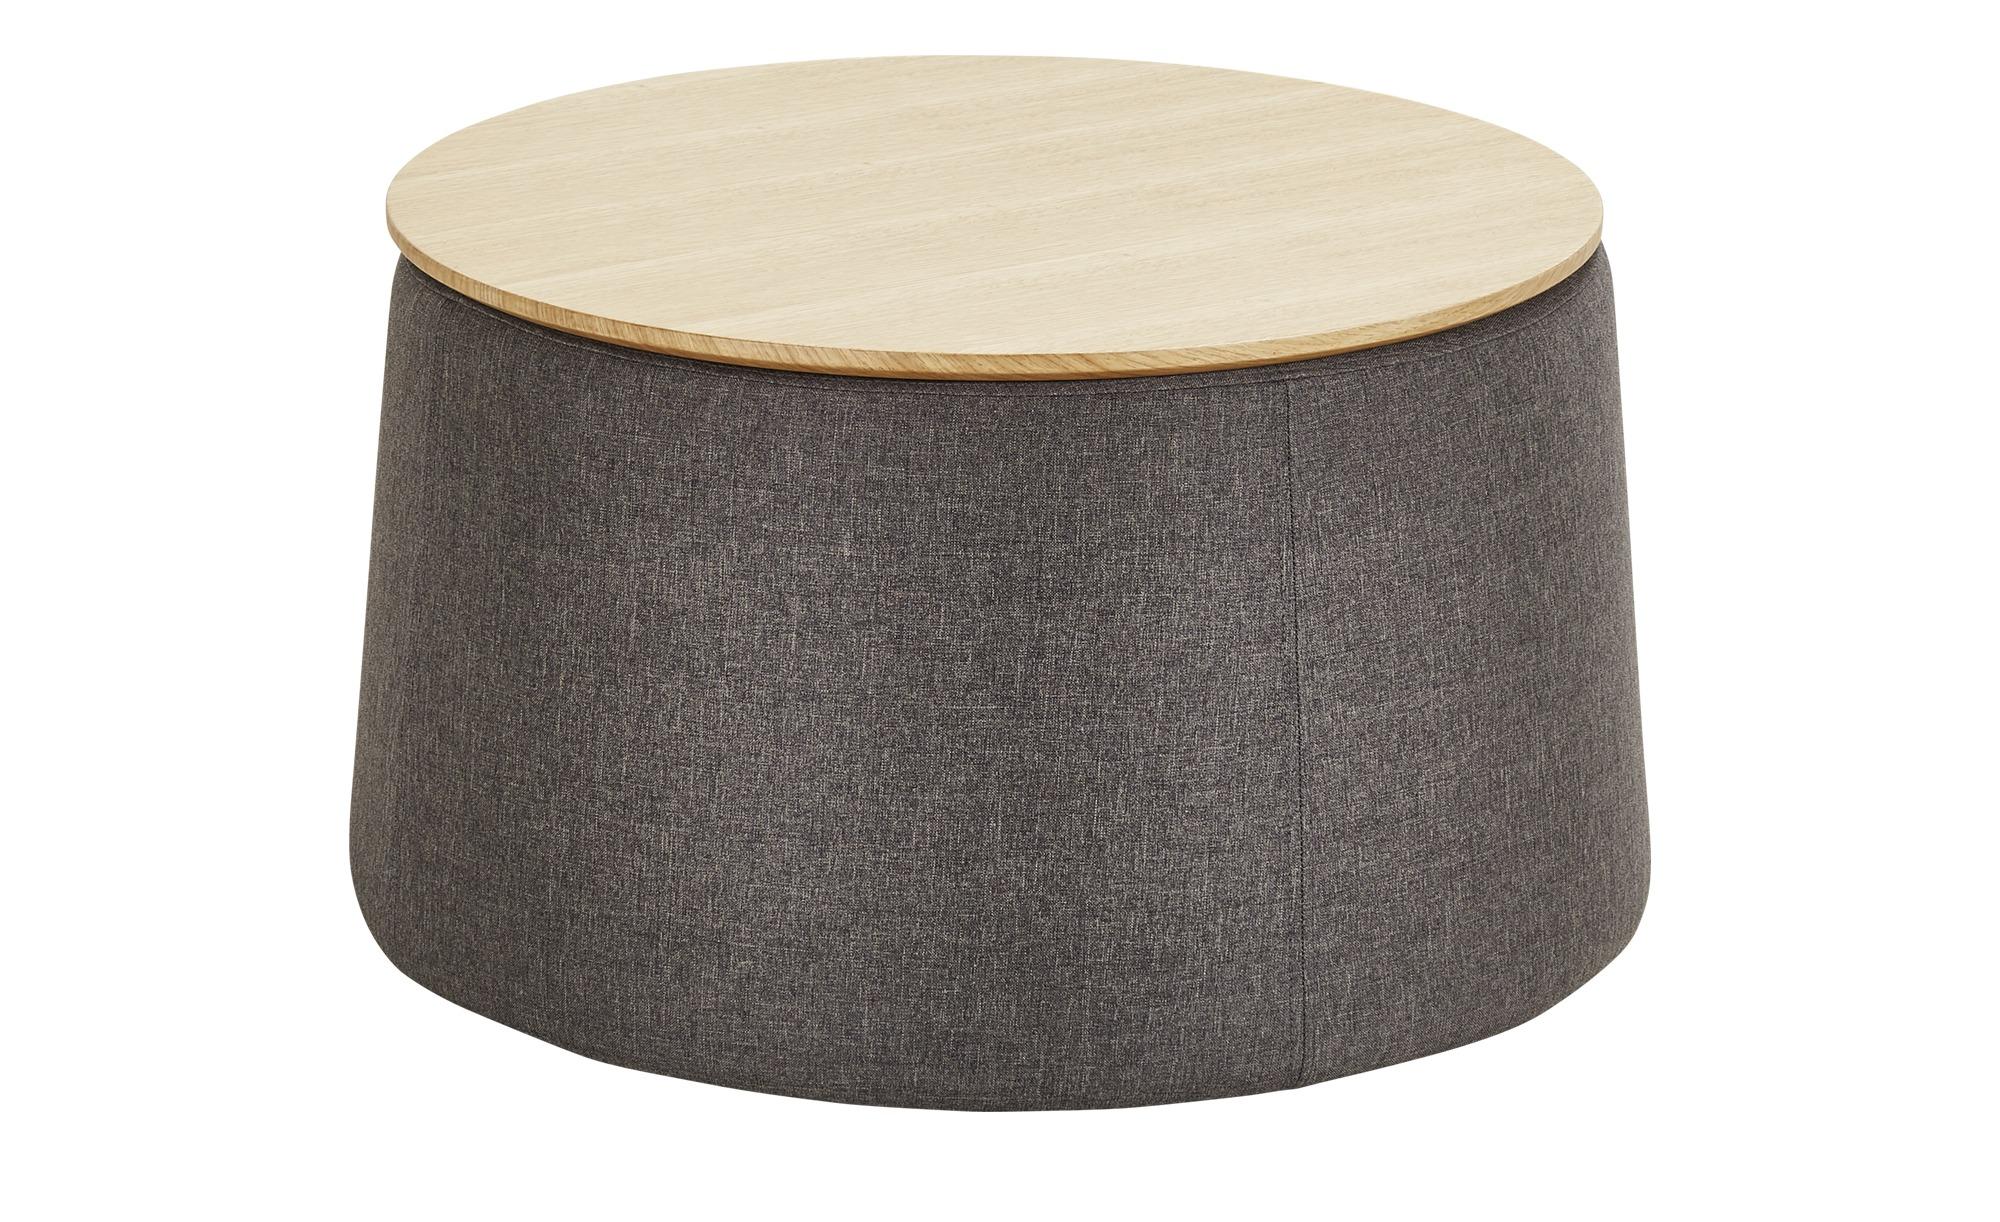 Couchtisch ¦ grau ¦ Maße (cm): H: 43 Ø: 70 Tische > Couchtische > Couchtische rund - Höffner